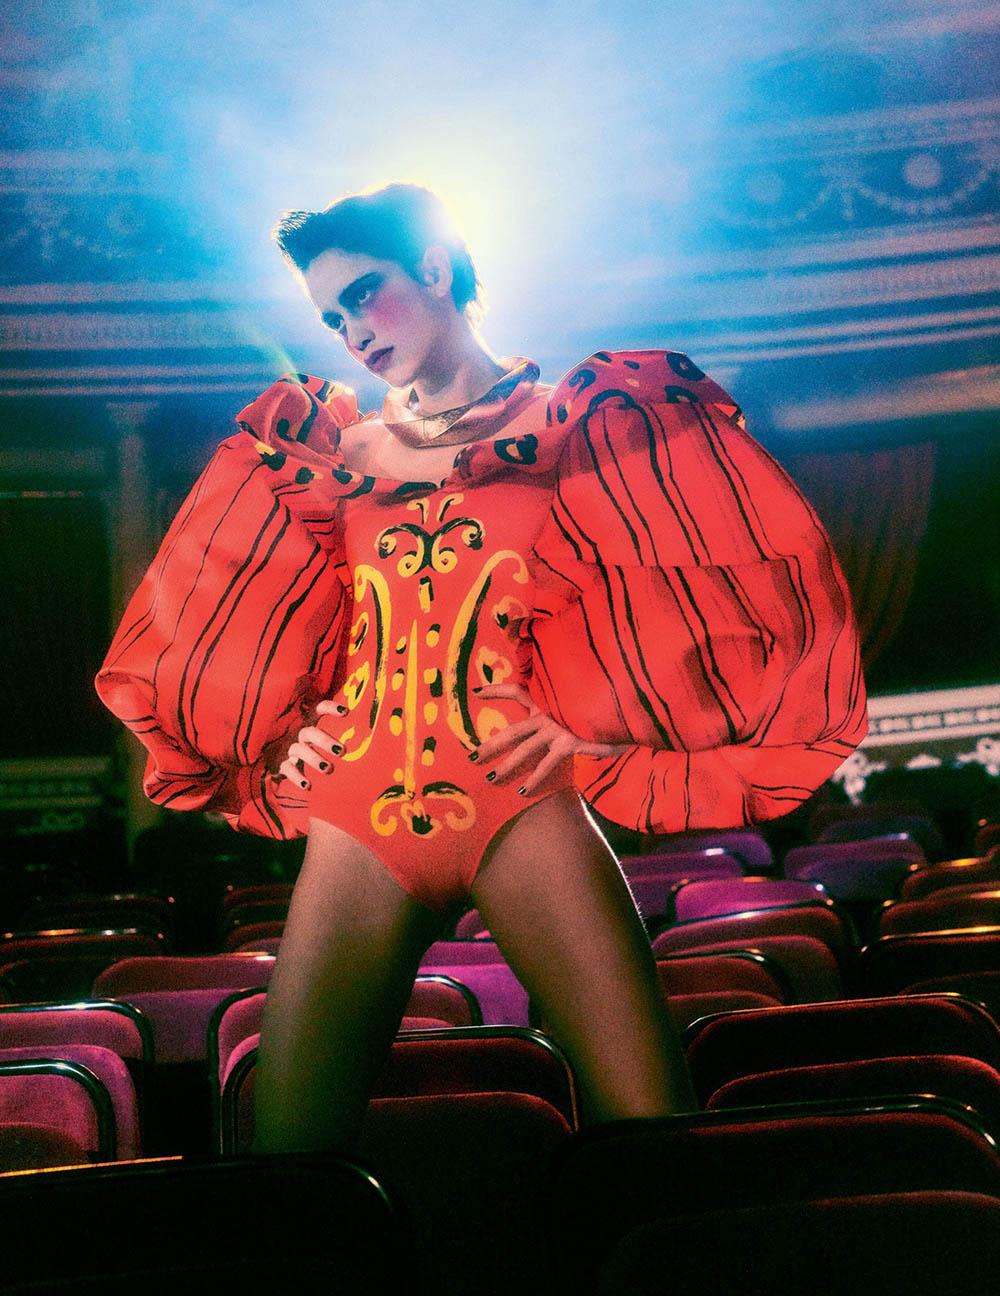 Anna Herrera by Elizaveta Porodina for Vogue Russia April 2020